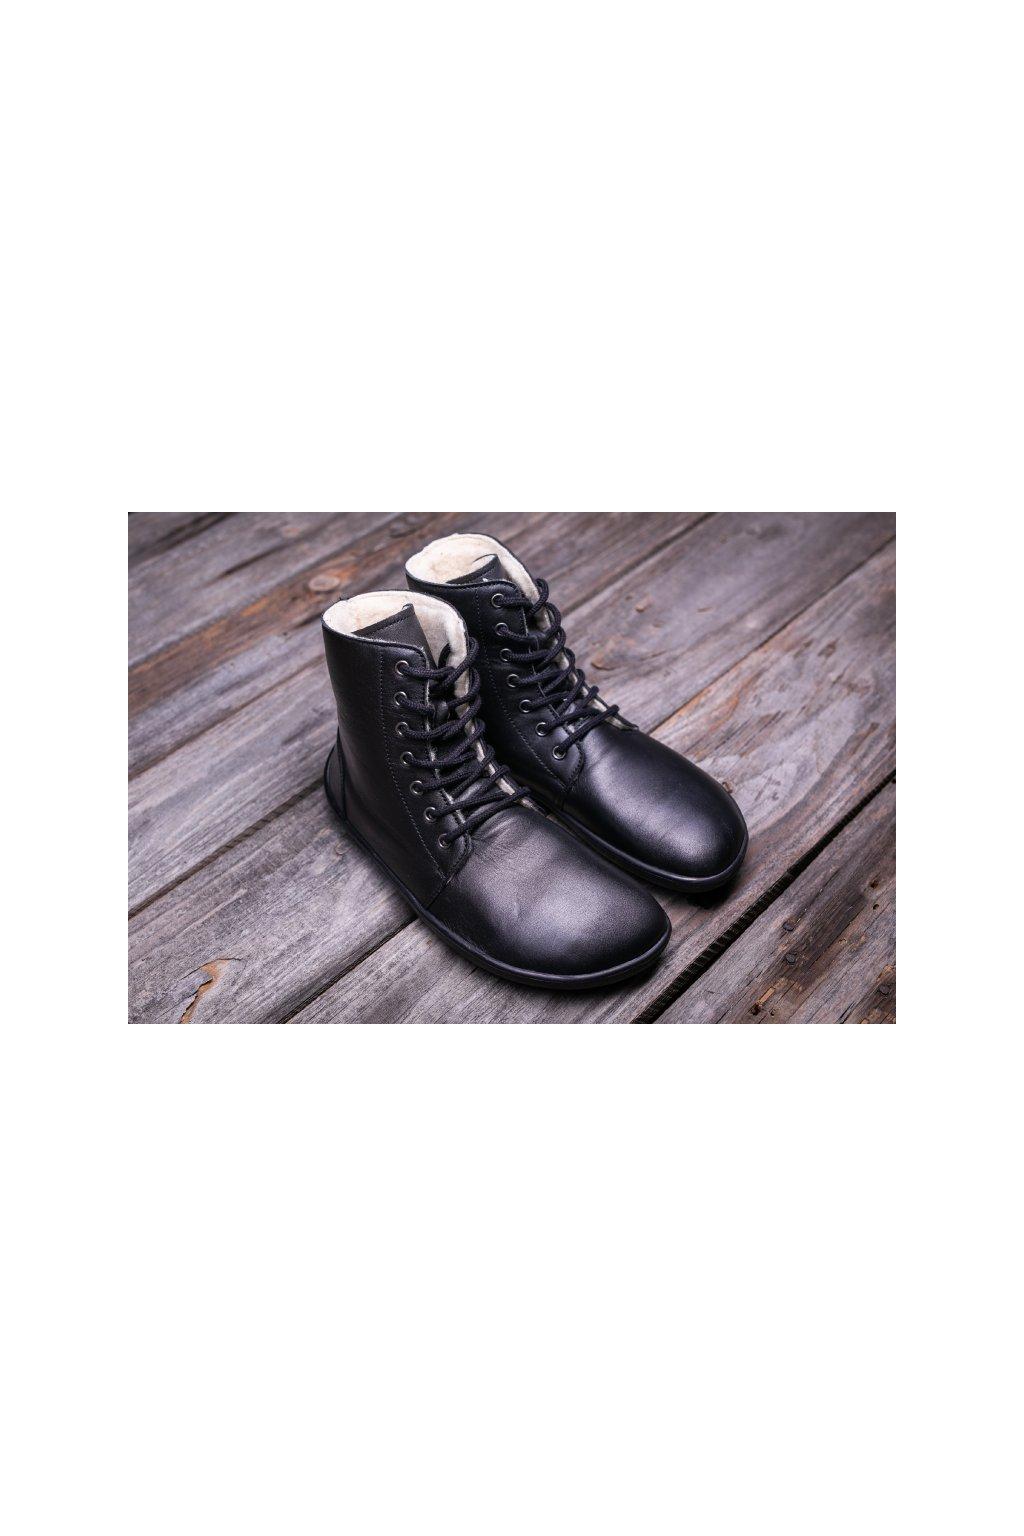 Barefoot kotnikova obuv Winter cerne